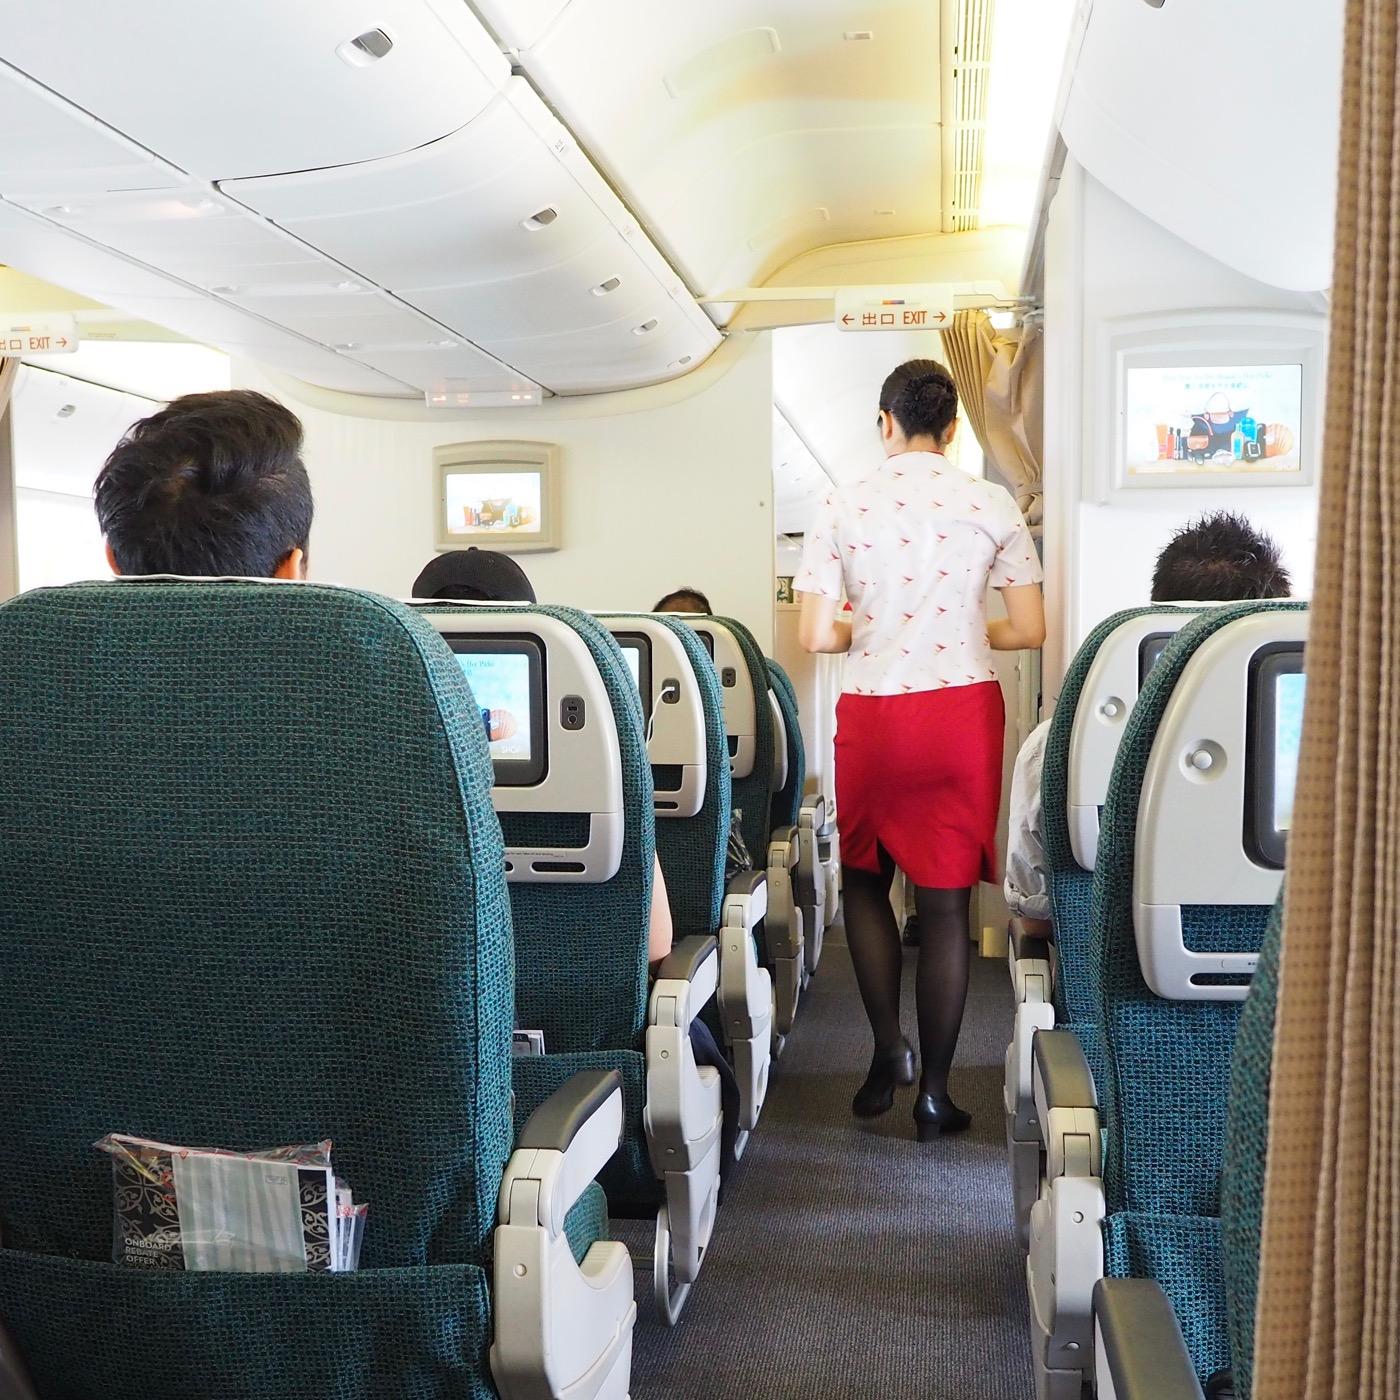 キャセイパシフィック航空 CX472便 香港→台北 エコノミークラス搭乗記